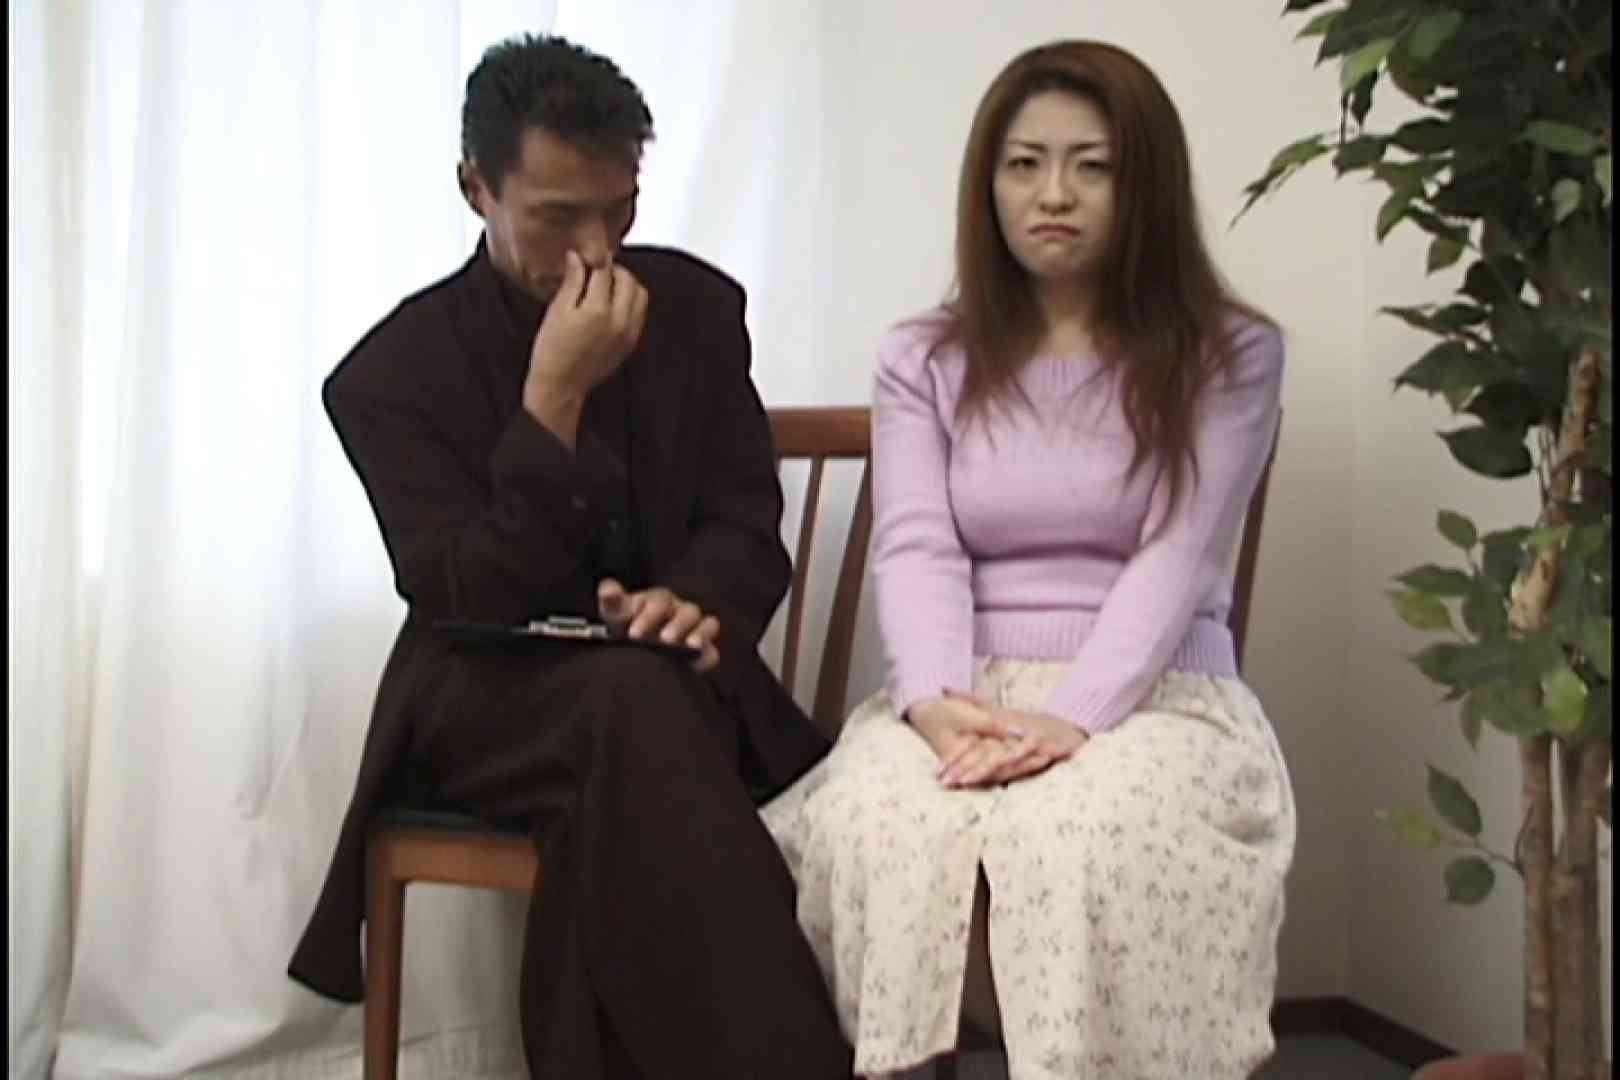 昼間の奥様は欲求不満 ~青井祐子~ エッチな熟女 | SEX映像  85pic 46